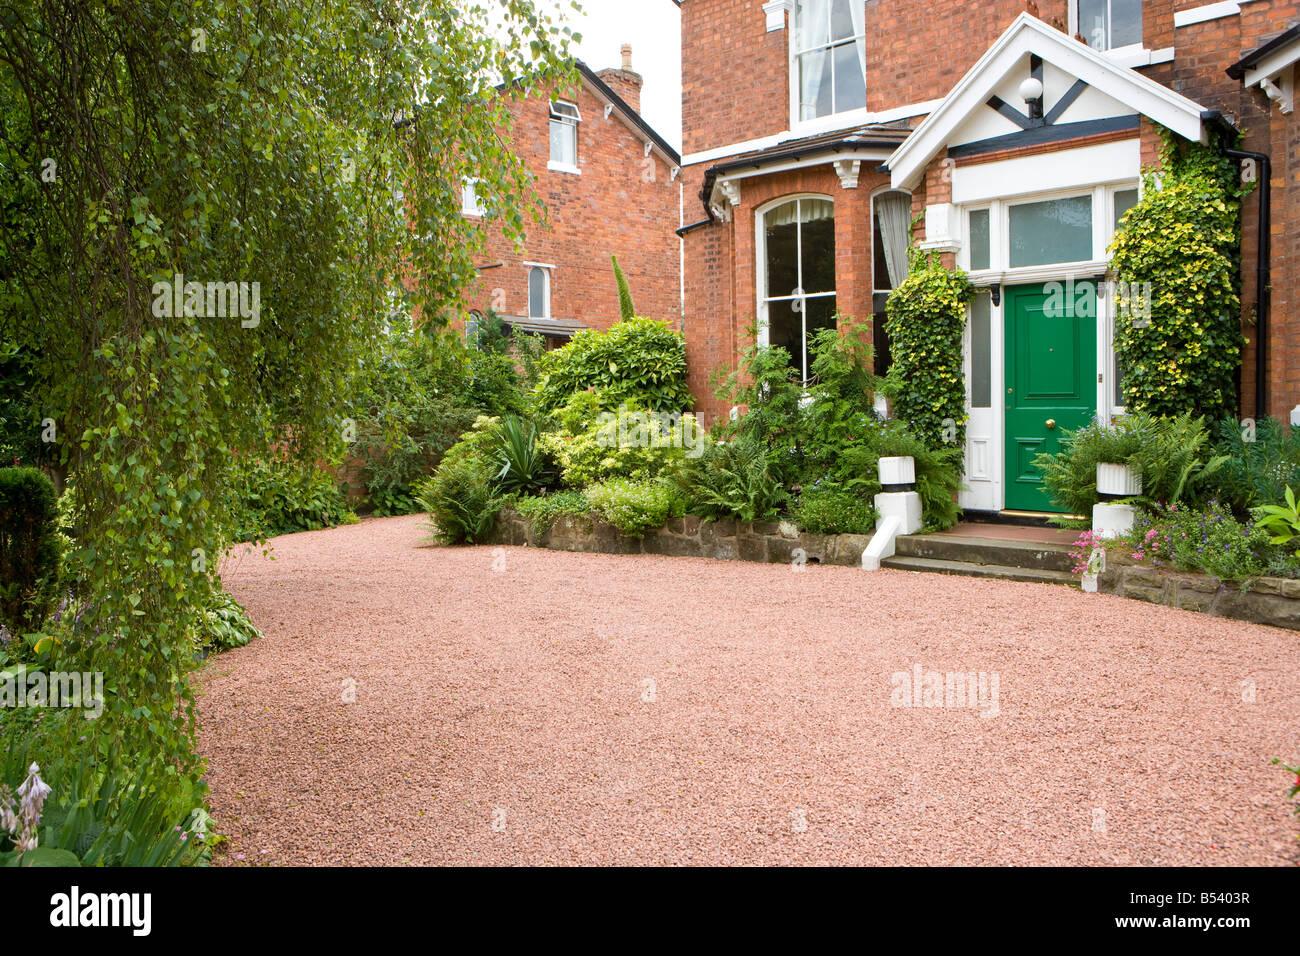 jardin de devant d 39 une grande maison individuelle avec all e en gravier rouge et les buissons de. Black Bedroom Furniture Sets. Home Design Ideas